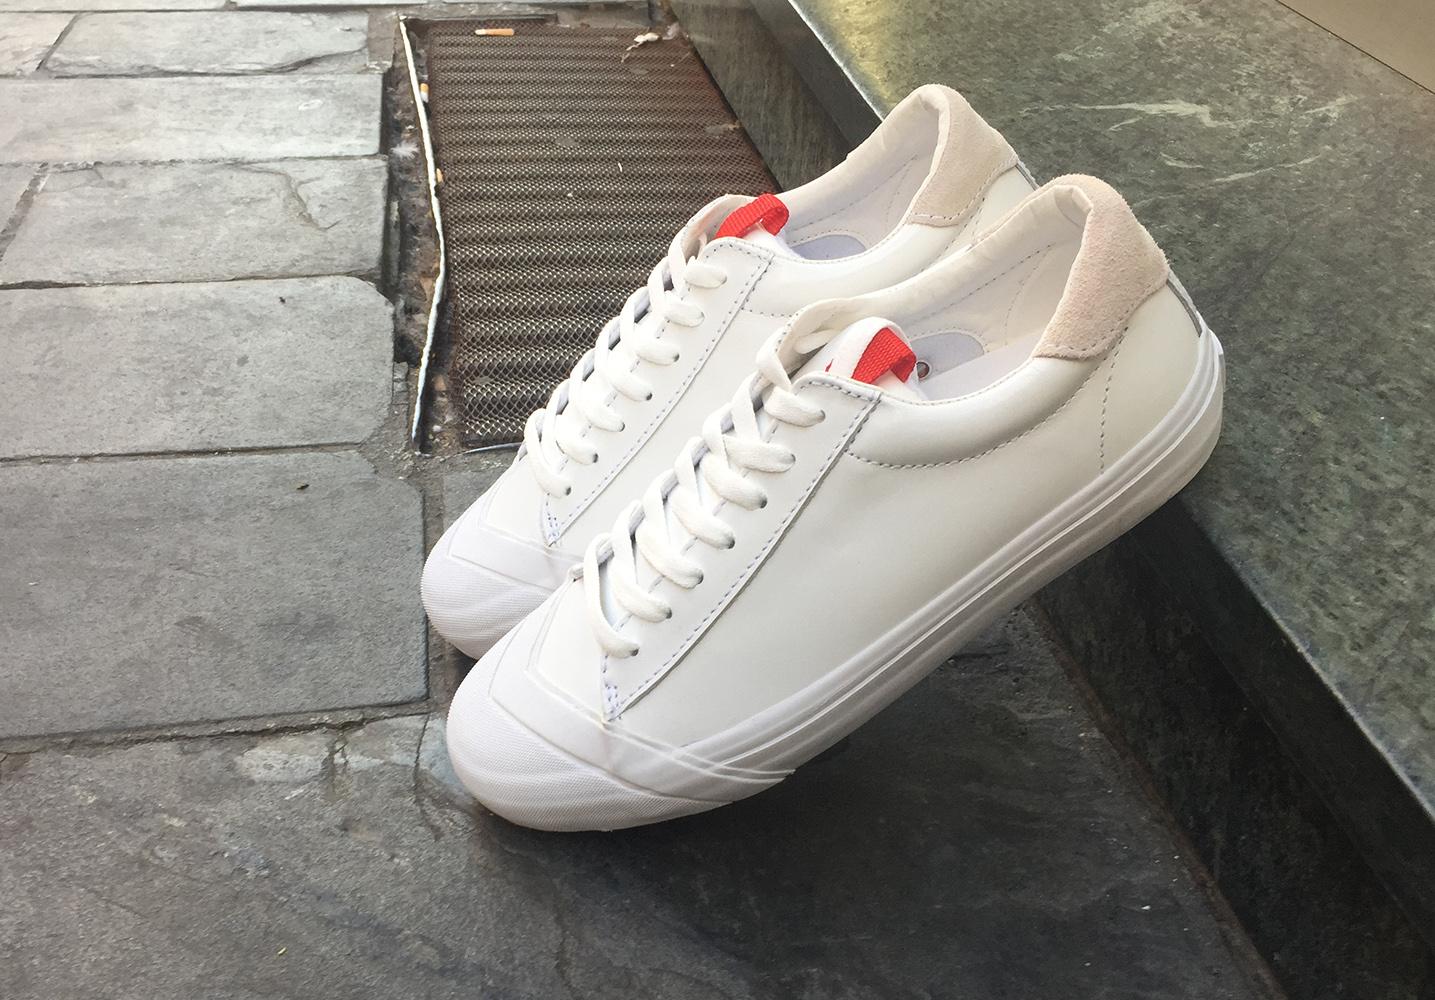 Ispirate Sandali Giapponesi Di Ai Sneakers Sono LosersLe Culto FK1luTJc3